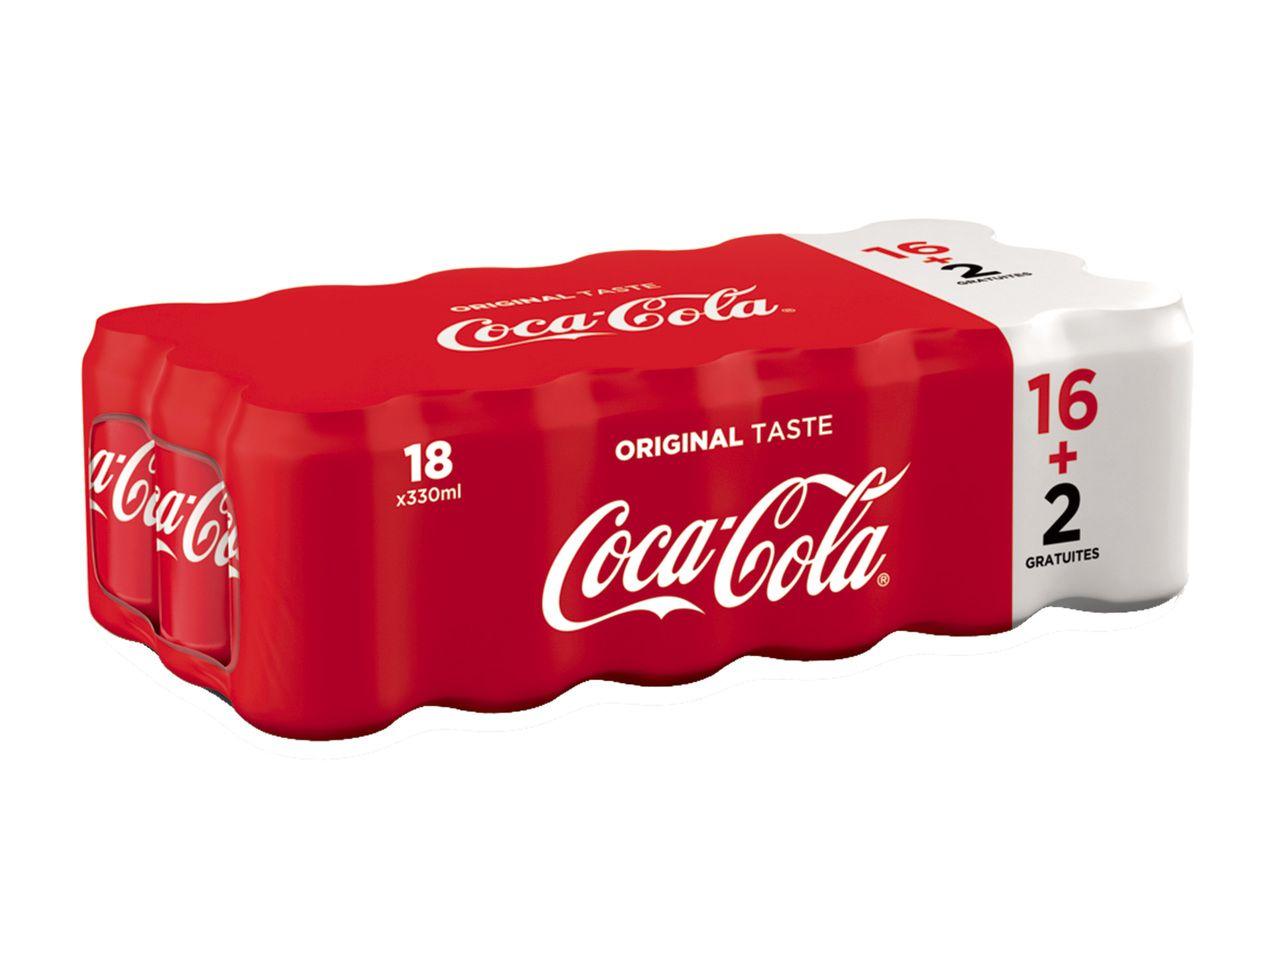 Pack de 18 canettes de Coca-cola - 33cl